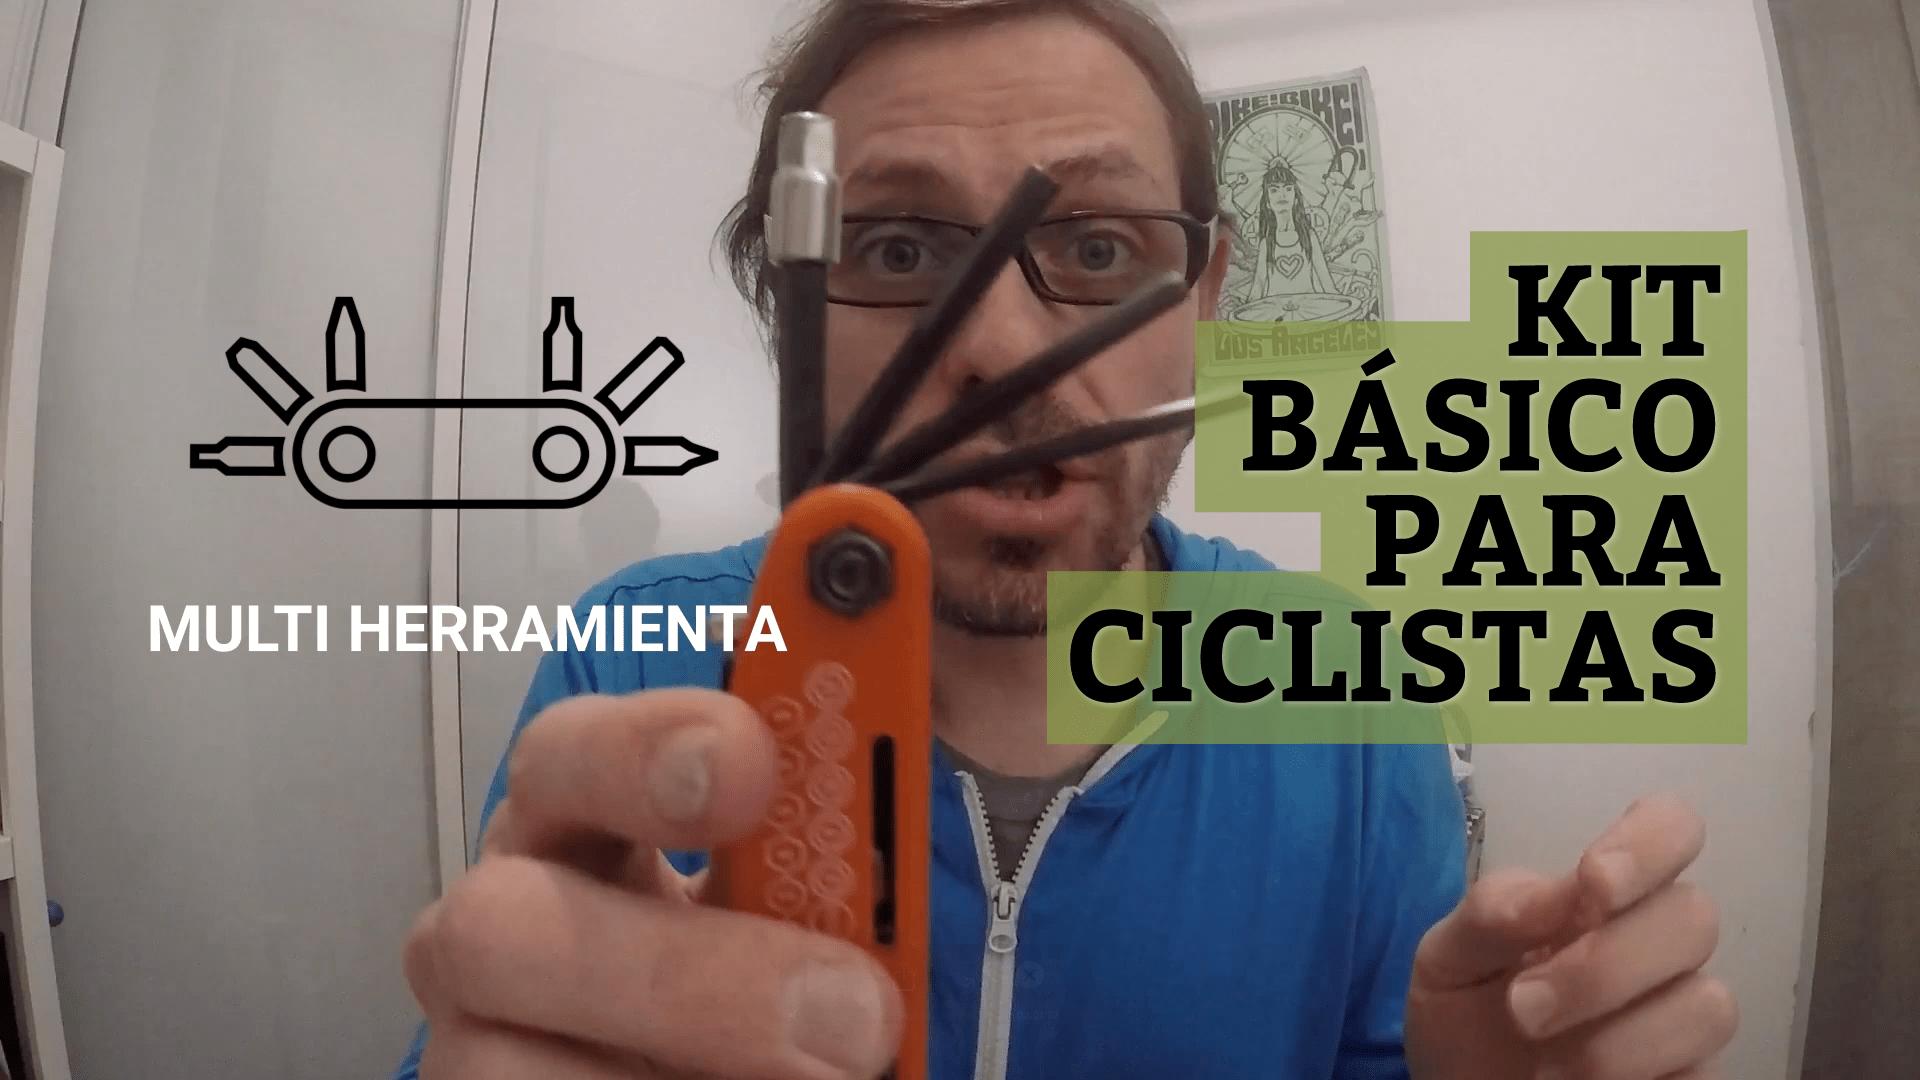 Kit básico para ciclistas